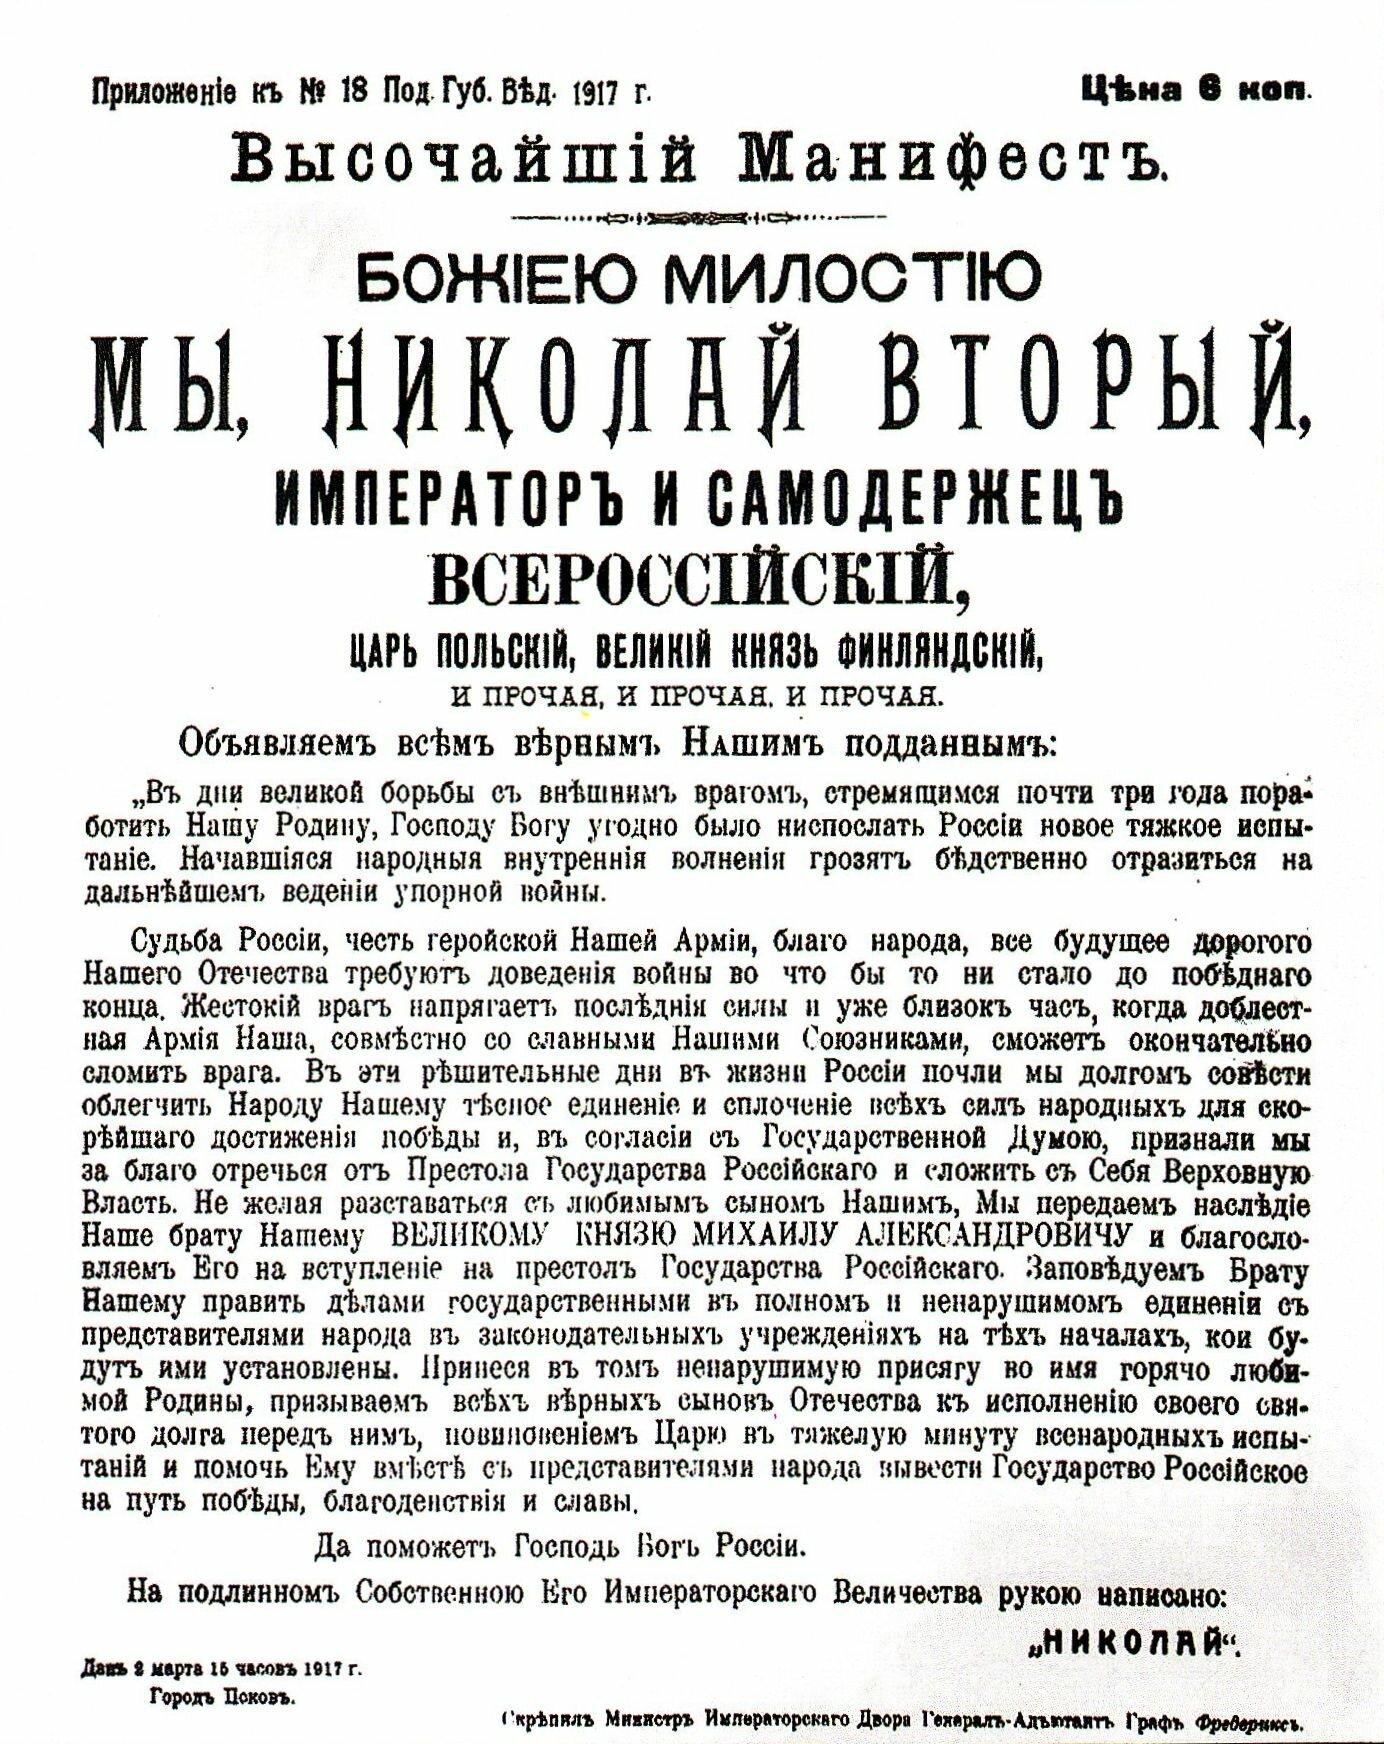 Документ об отречении Николая Второго от престола